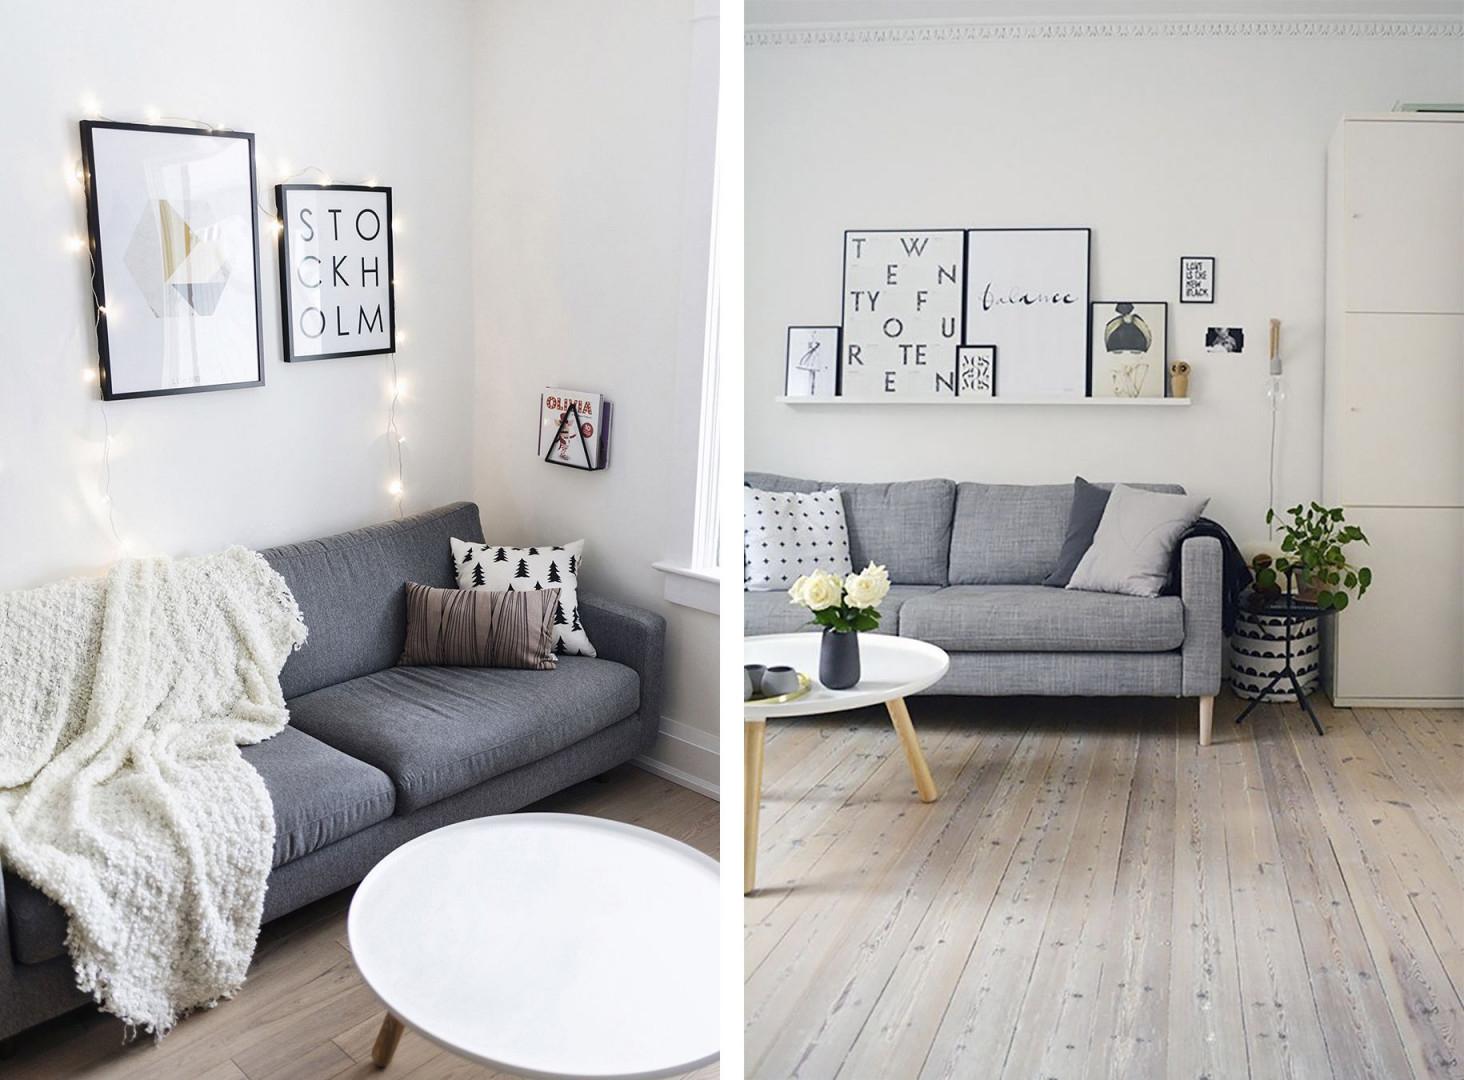 60 Erstaunliche Licht Grau Wohnzimmer Ideen  Dekomobel von Wohnzimmer Ideen Weiss Grau Bild